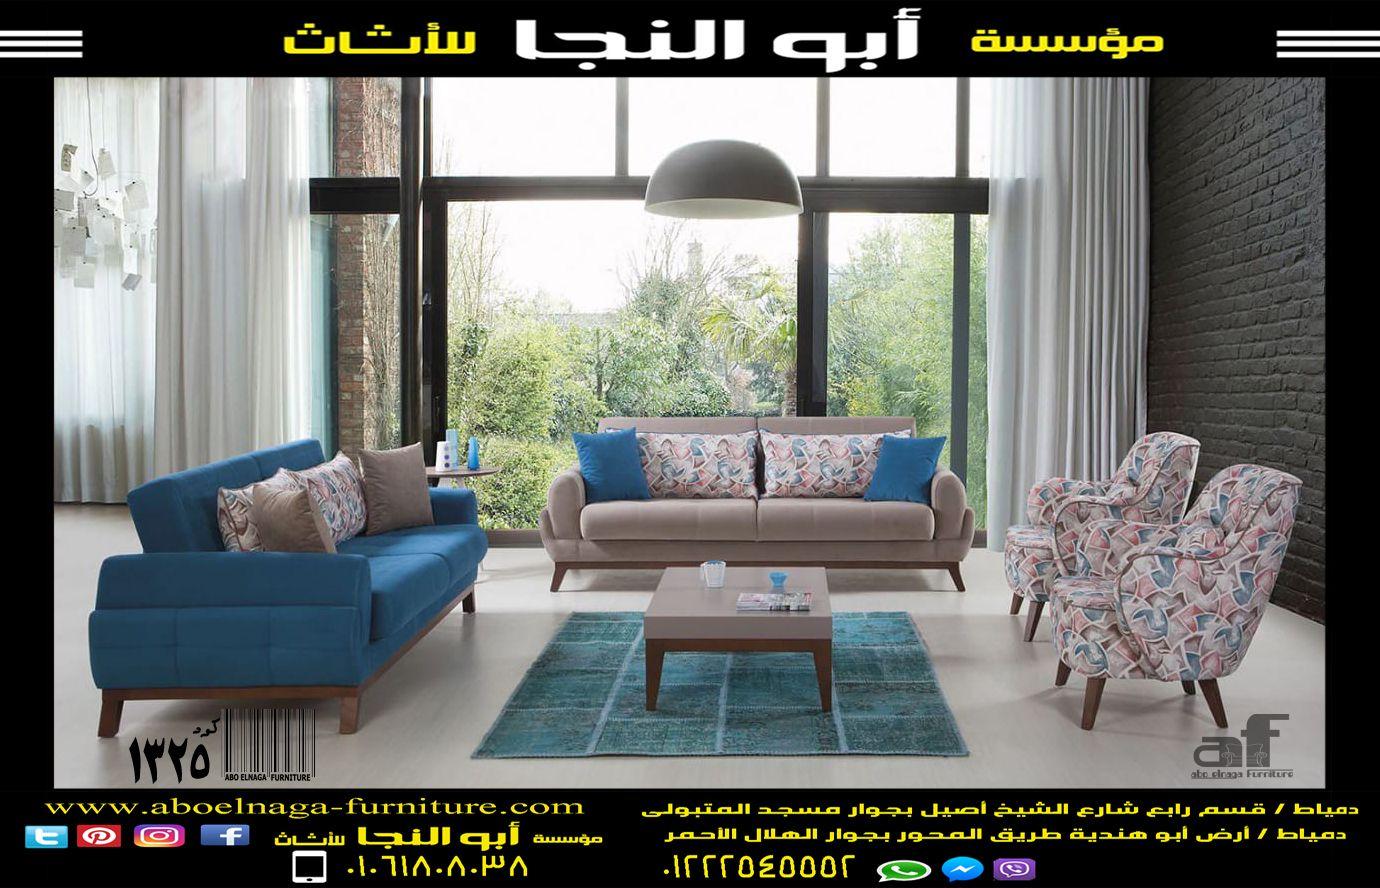 كود 1235 Small Living Room Decor Turkish Furniture Furniture